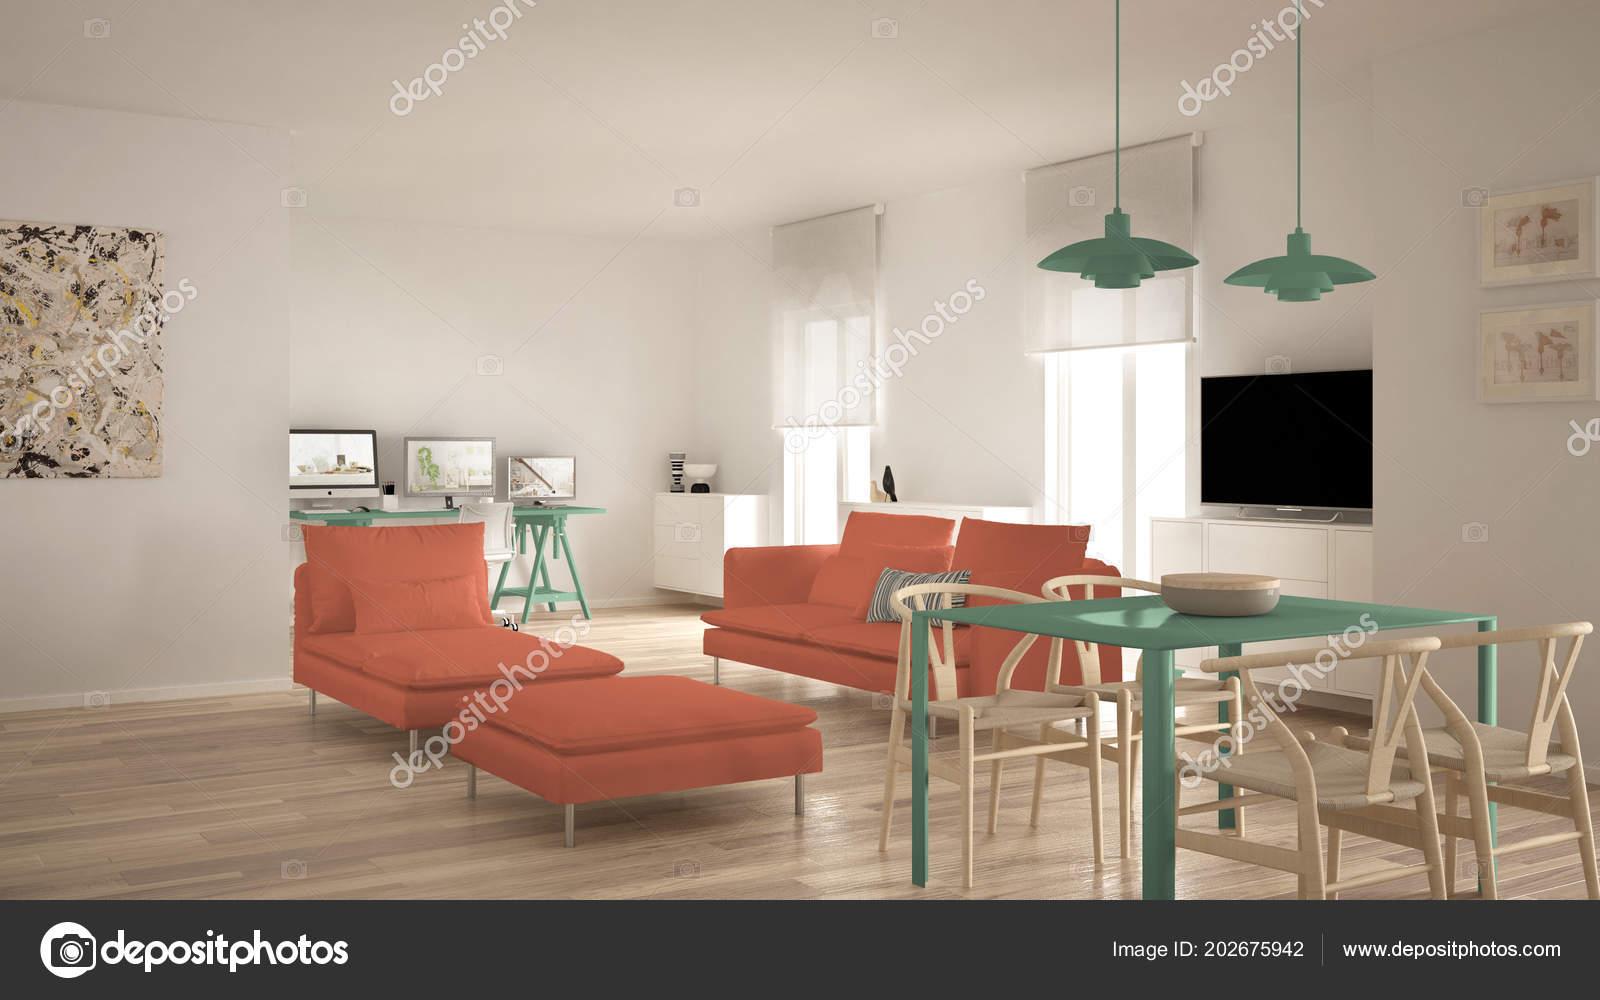 Skandinavische Zeitgenössische Wohnzimmer Offener Raum Mit Esstisch